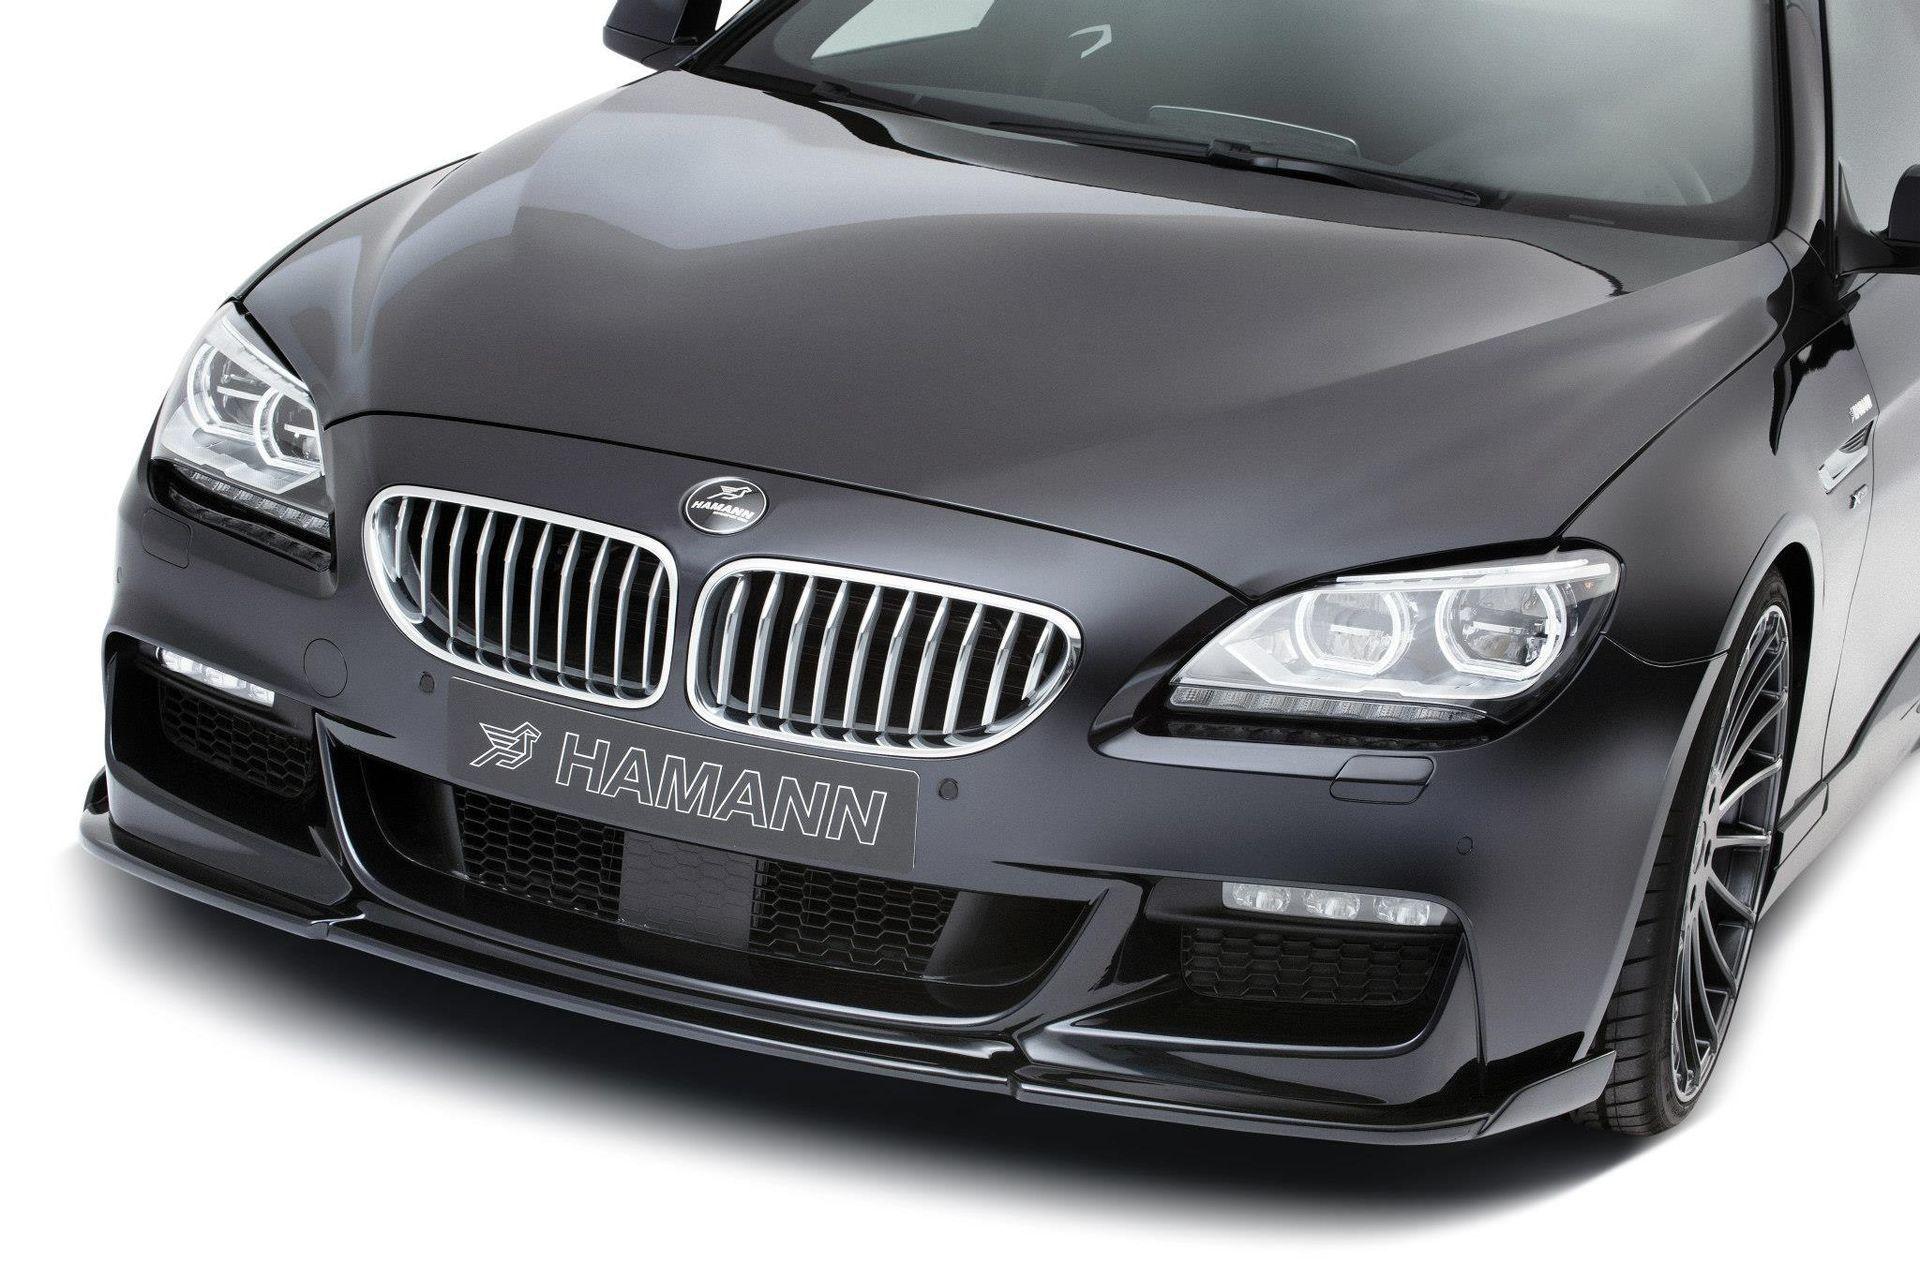 Hodoor Performance Carbon fiber front bumper spoiler Hamman Style for BMW 6er